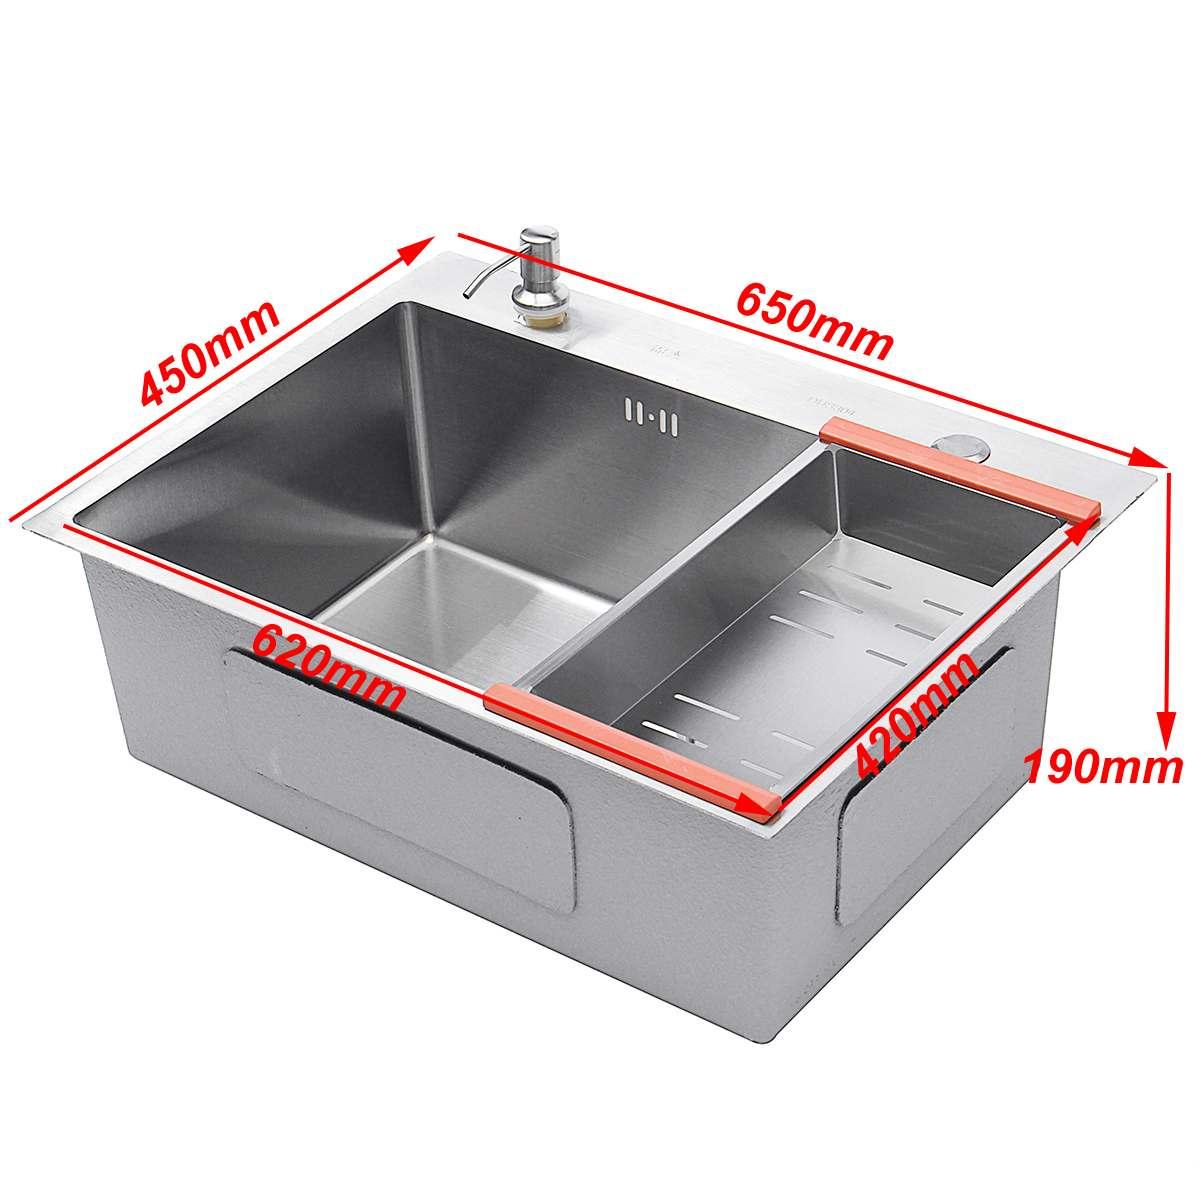 Évier de cuisine en acier inoxydable lavabo à vaisselle à fente unique 62*42cm lavabo à vaisselle avec panier de vidange distributeur de savon tuyau de vidange - 4